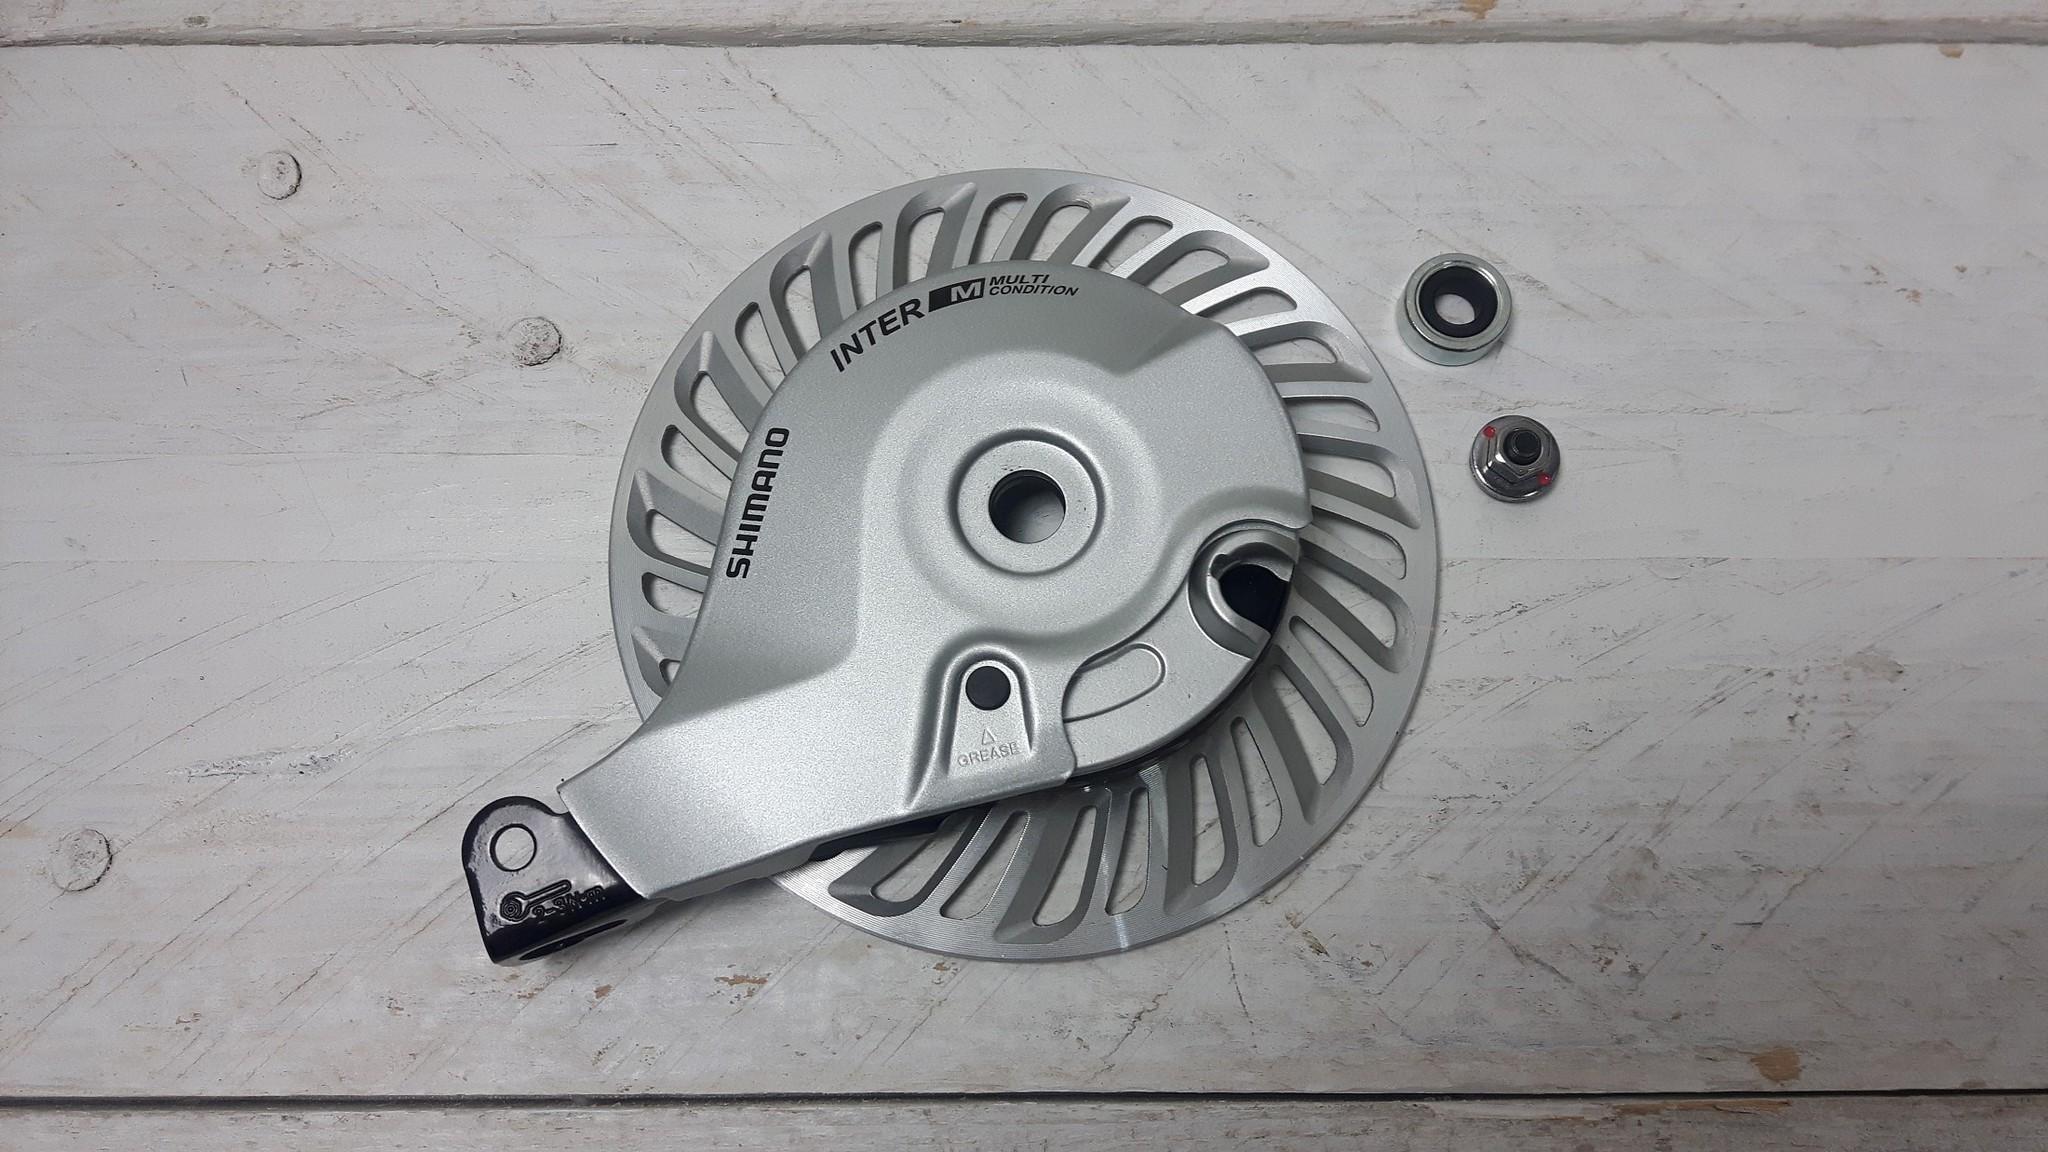 REMBR-C6000-R / Rollerbrake achter BR-IM80-R